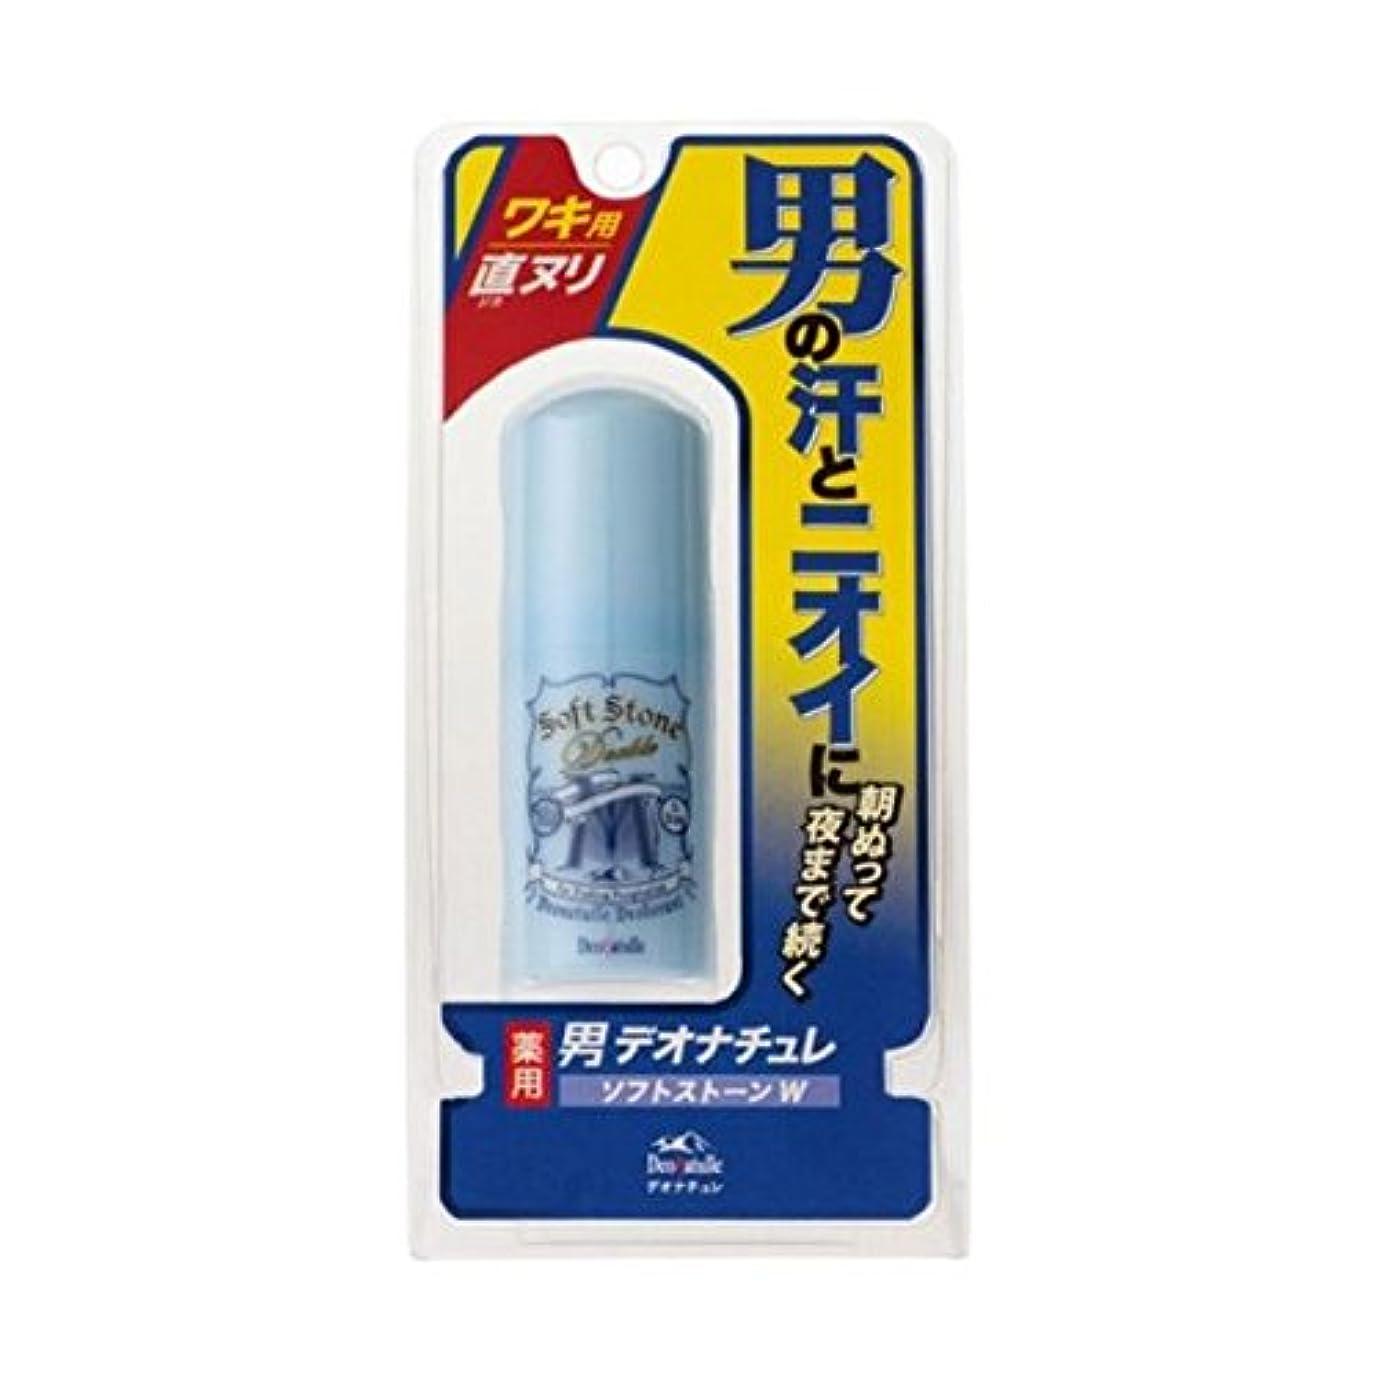 運搬読み書きのできない空虚デオナチュレ 男ソフトストーン20Gx3個セット (4971825011747)